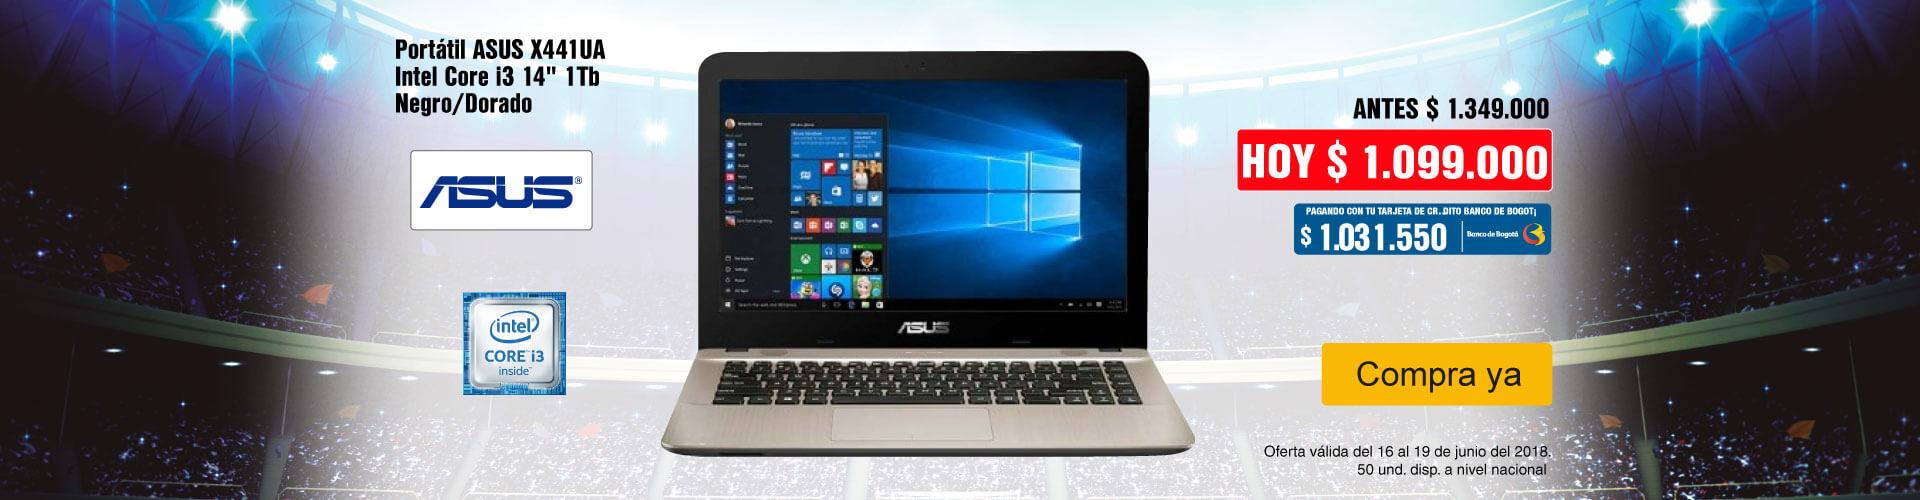 KT-PPAL-3-computadores y tablets-PP---Asus-X441UA-Jun16